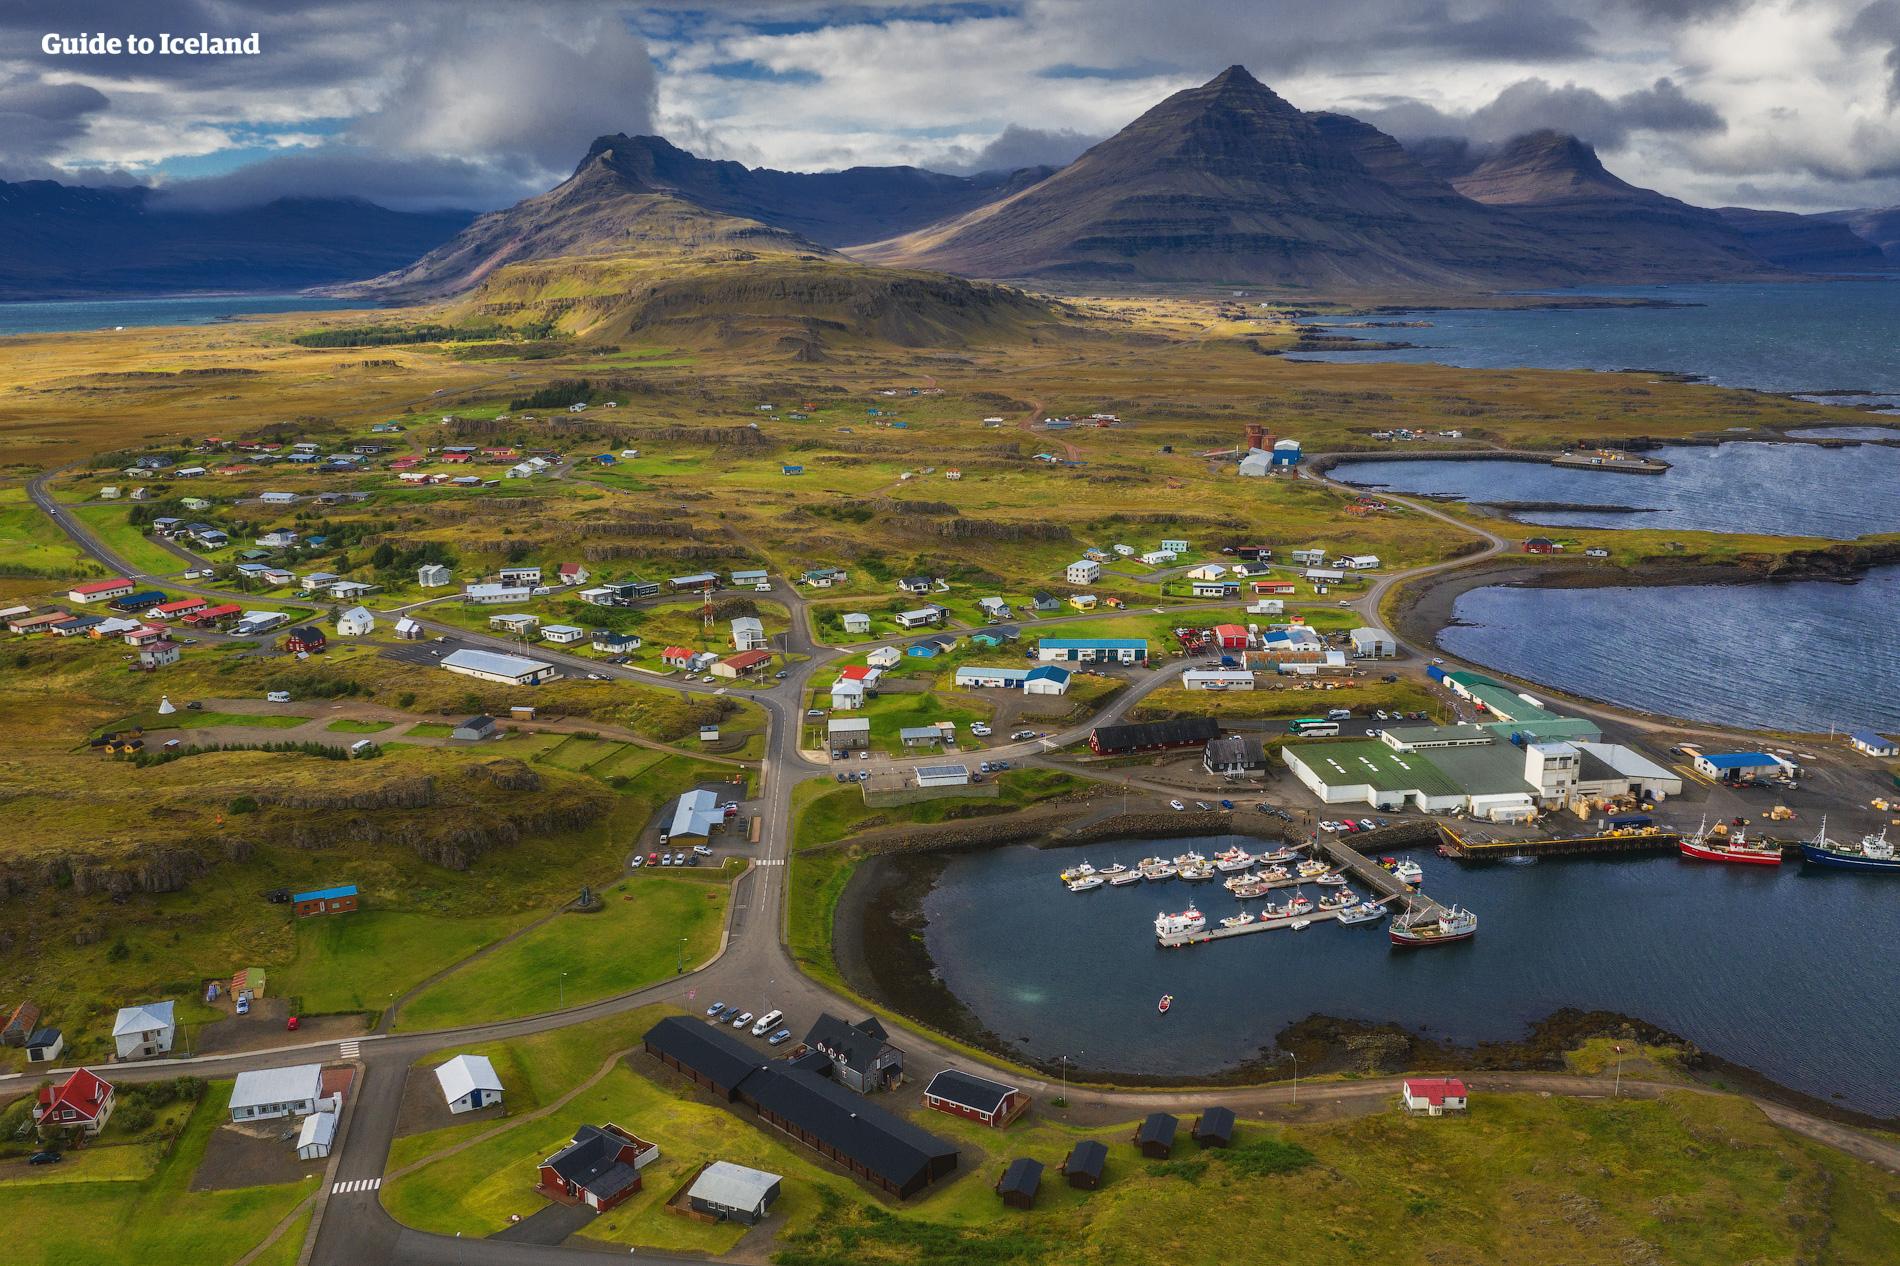 Wschodnia Islandia pełna jest przepięknych krajobrazów, które zobaczysz podczas wycieczki objazdowej.